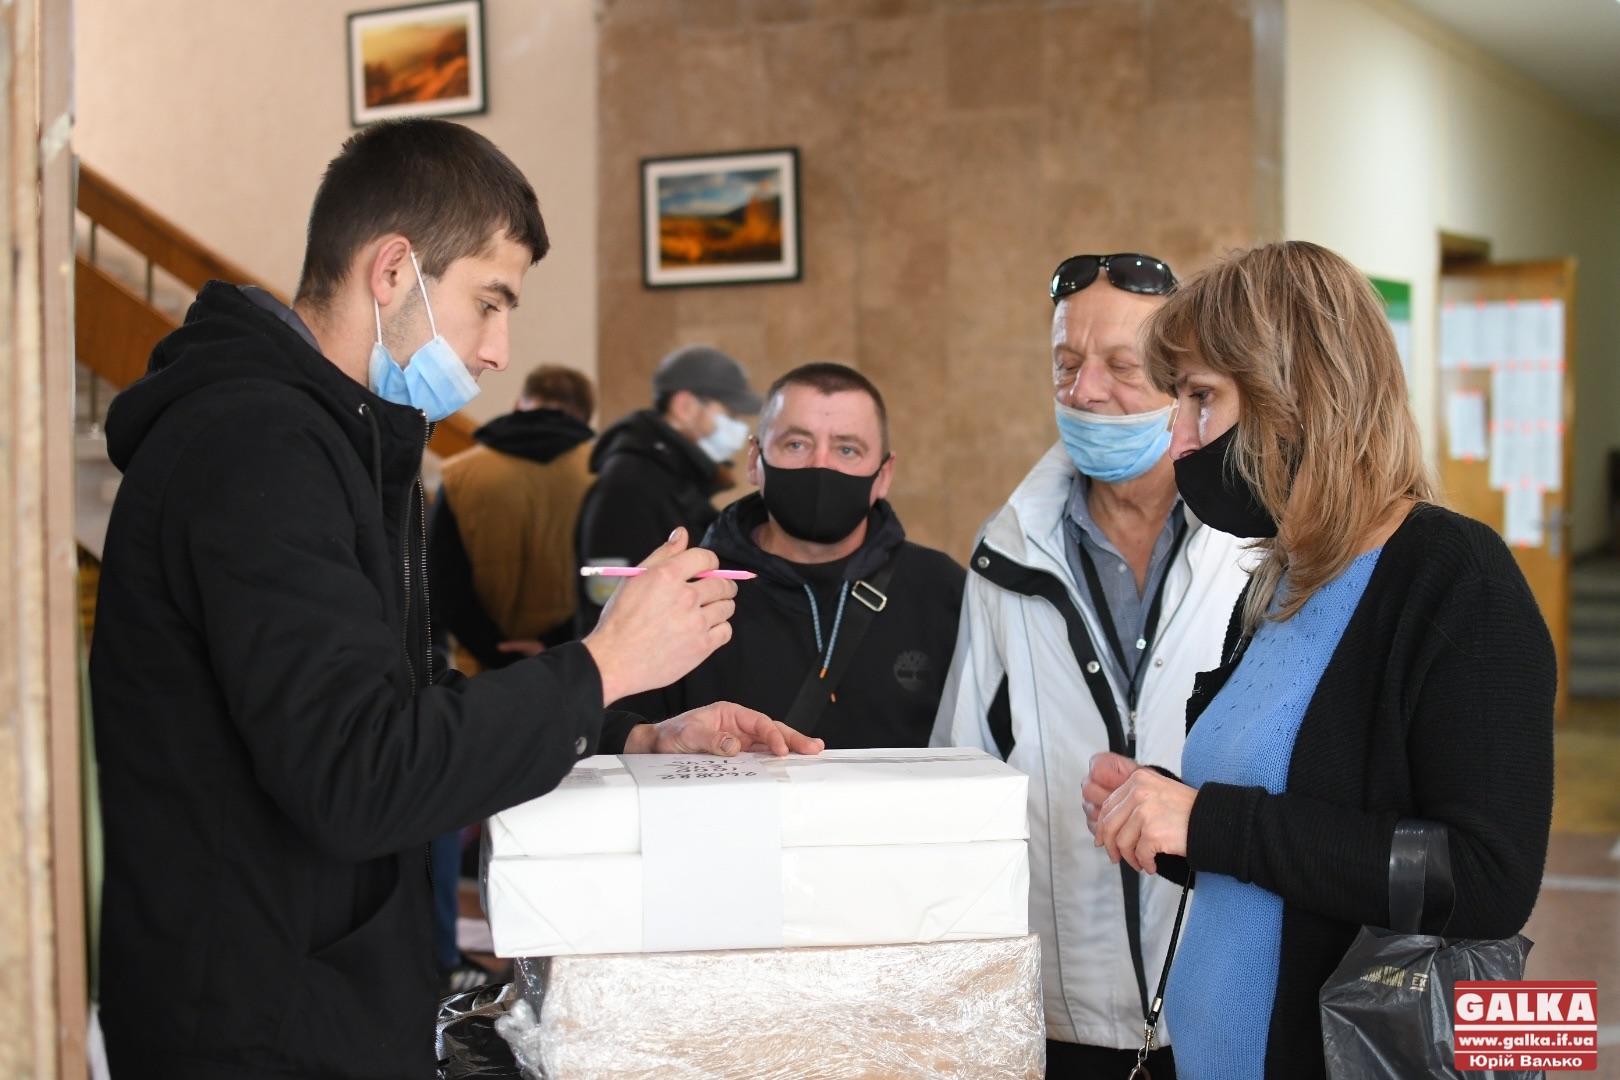 В Івано-Франківську завершують передачу бюлетенів на виборчі дільниці (ФОТО)